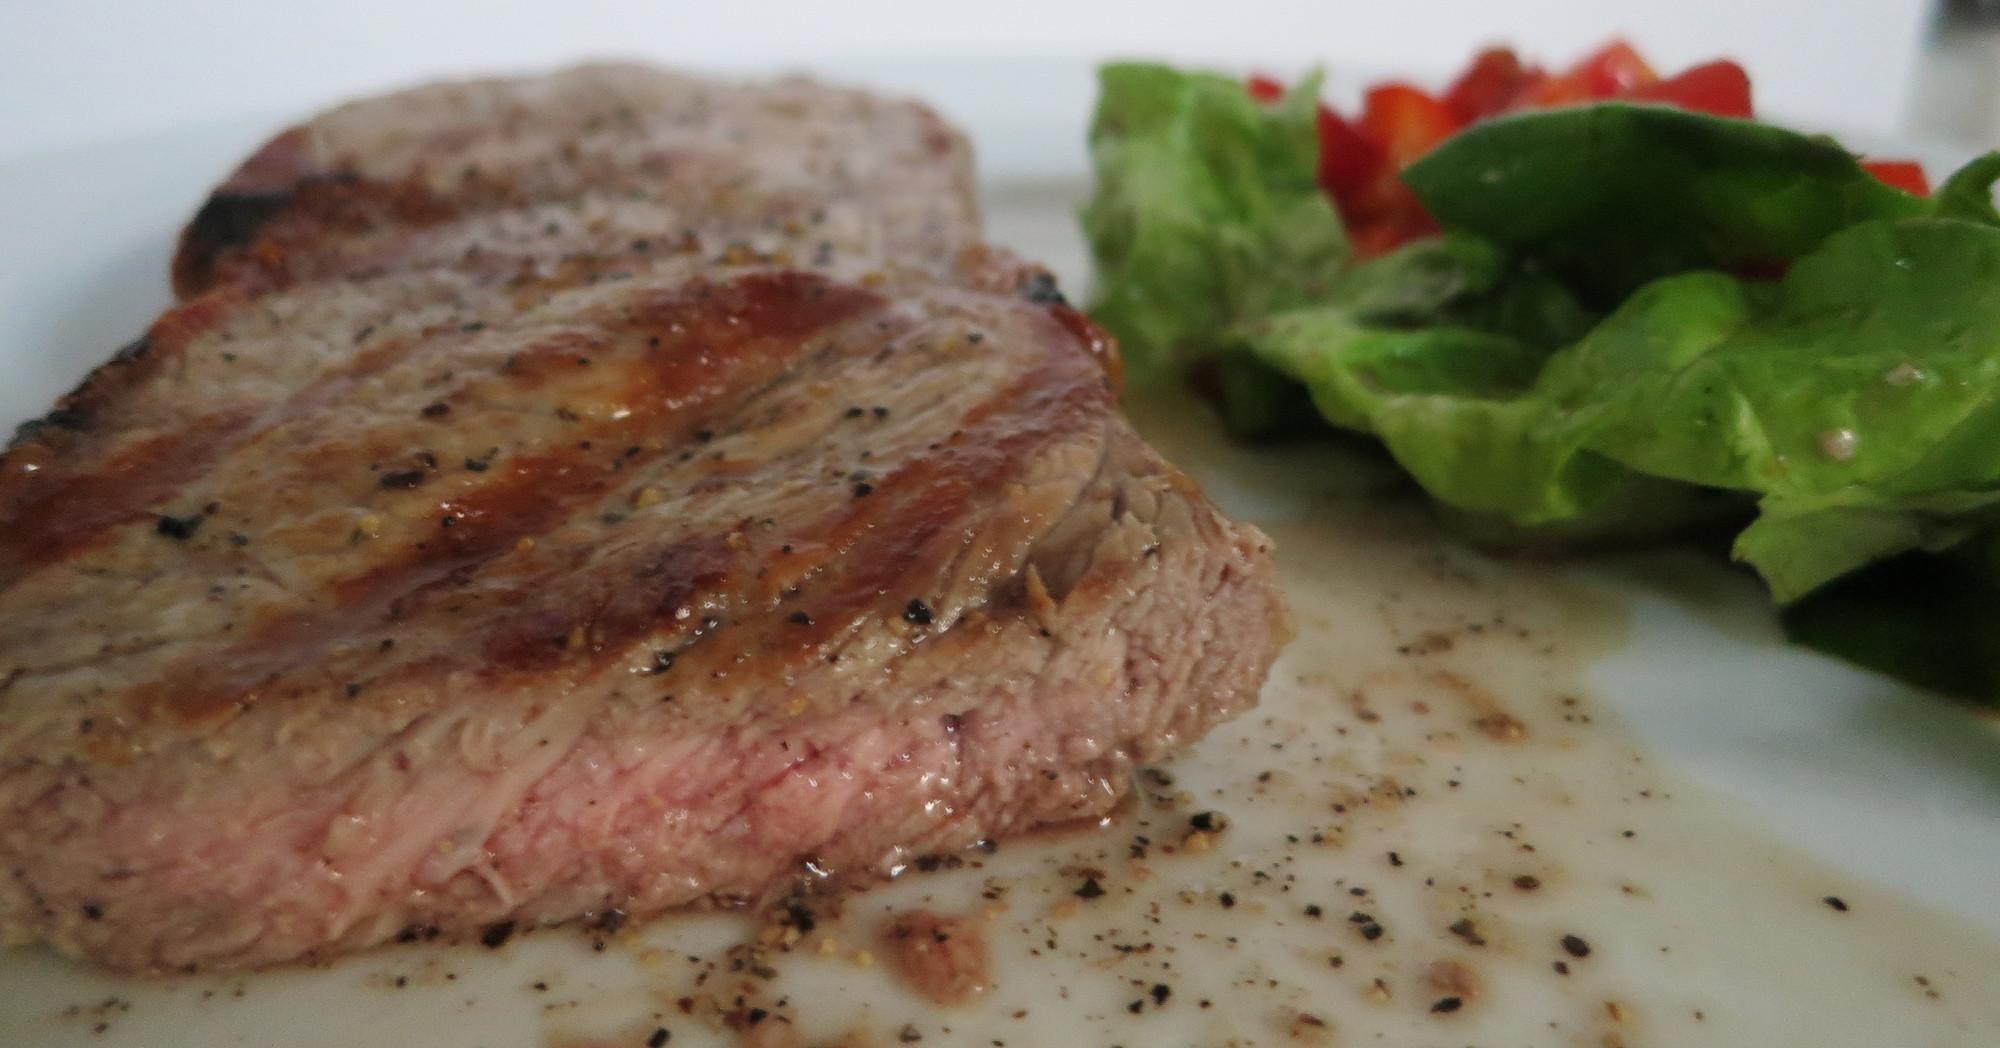 Steak auf dem Elektrogrill Severin PG 8106 Sevo GT gegrillt